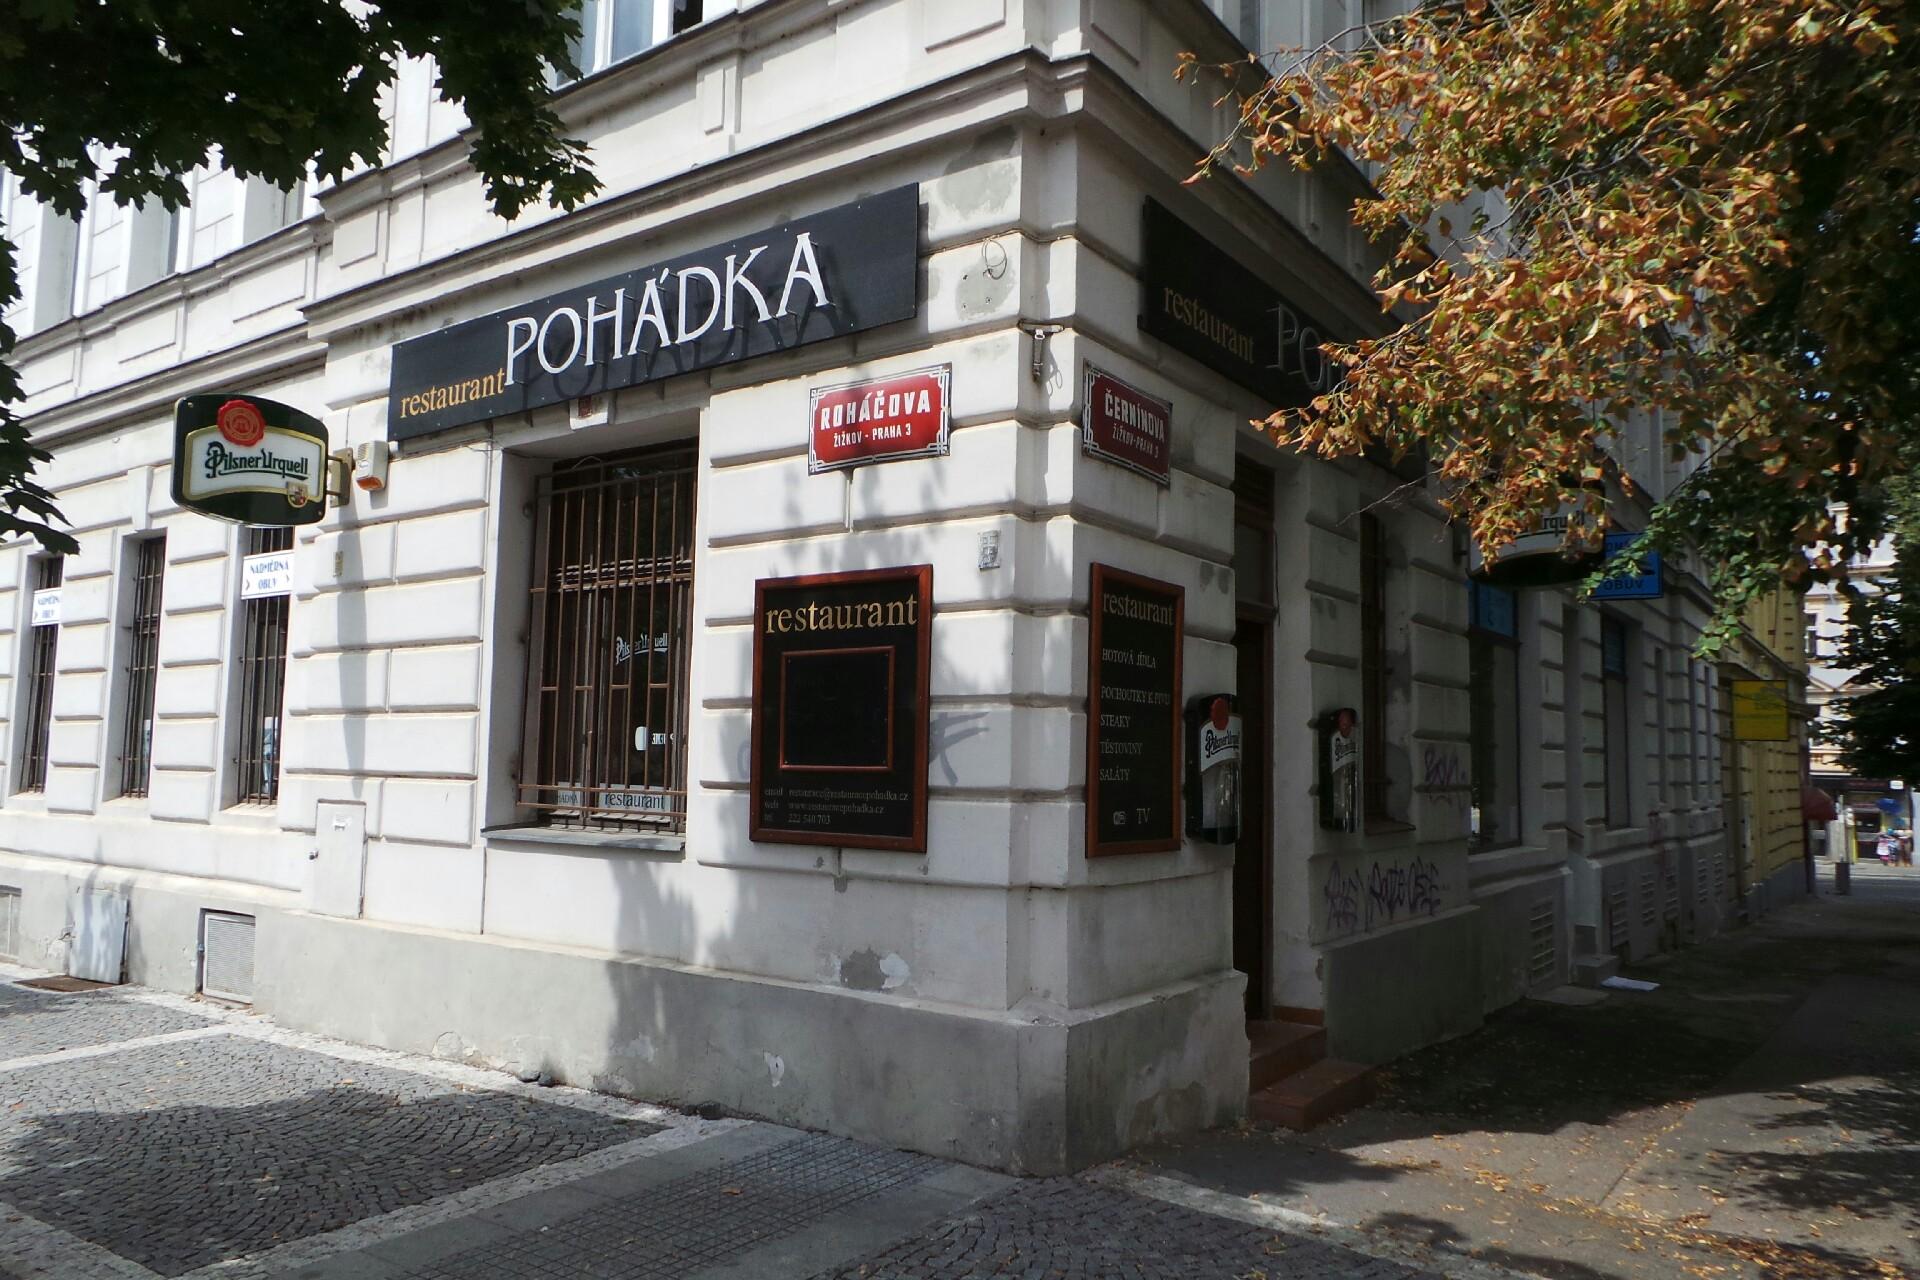 Fotka Restaurace Pohádka